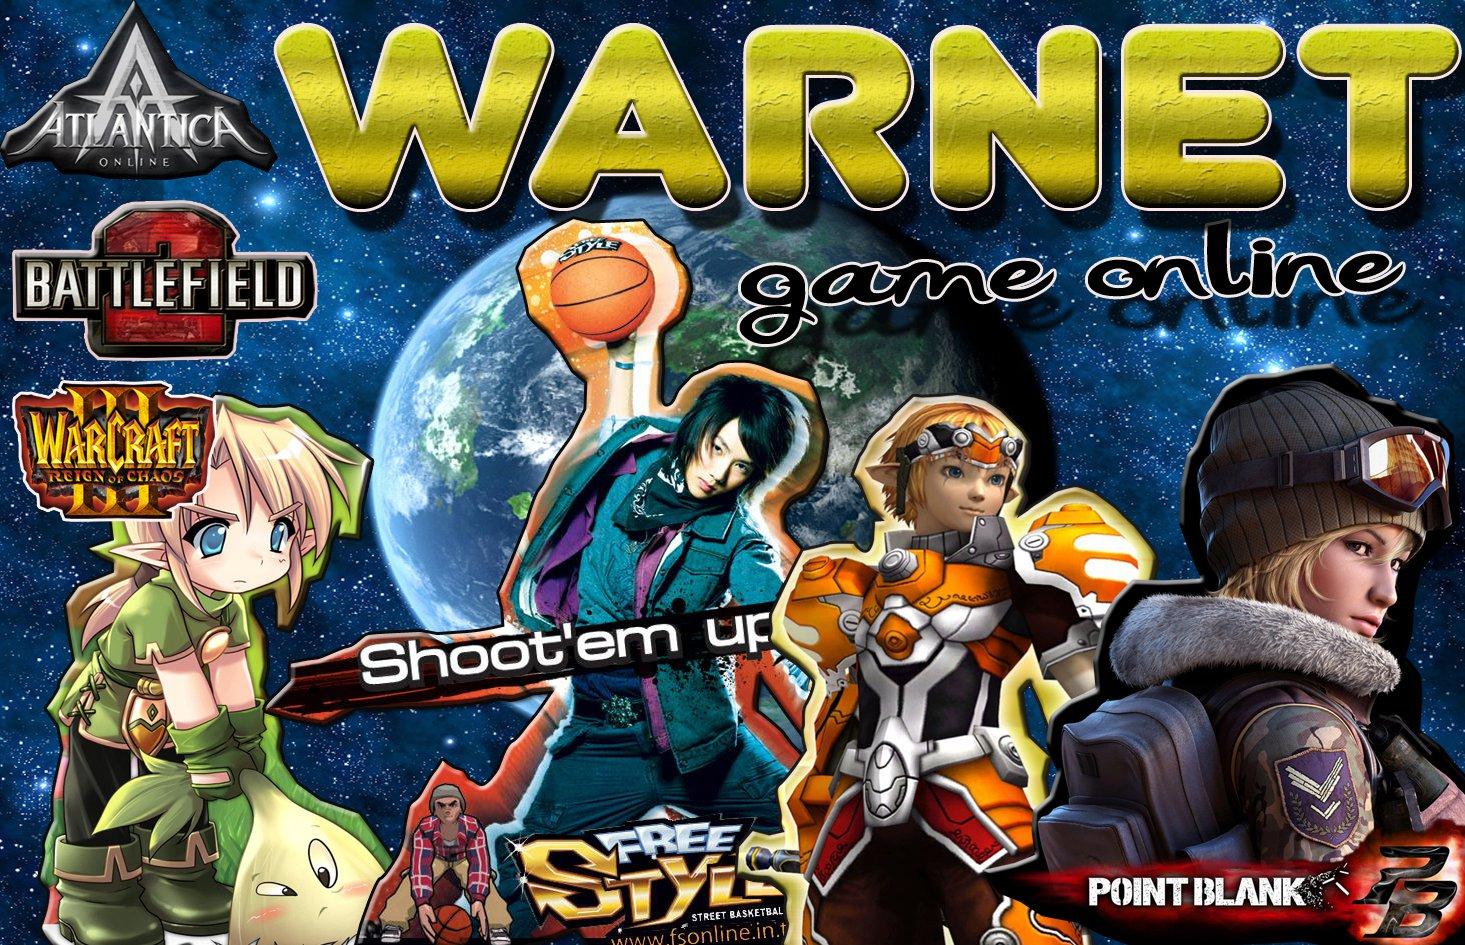 Banner Kedua Tidak Kalah Keren Dengan Background Planet Bumi Banner Ini Lebih Berwarnawarna Dari Karakter Game Online Juga Mencolok Bgttujuan Saya Biar